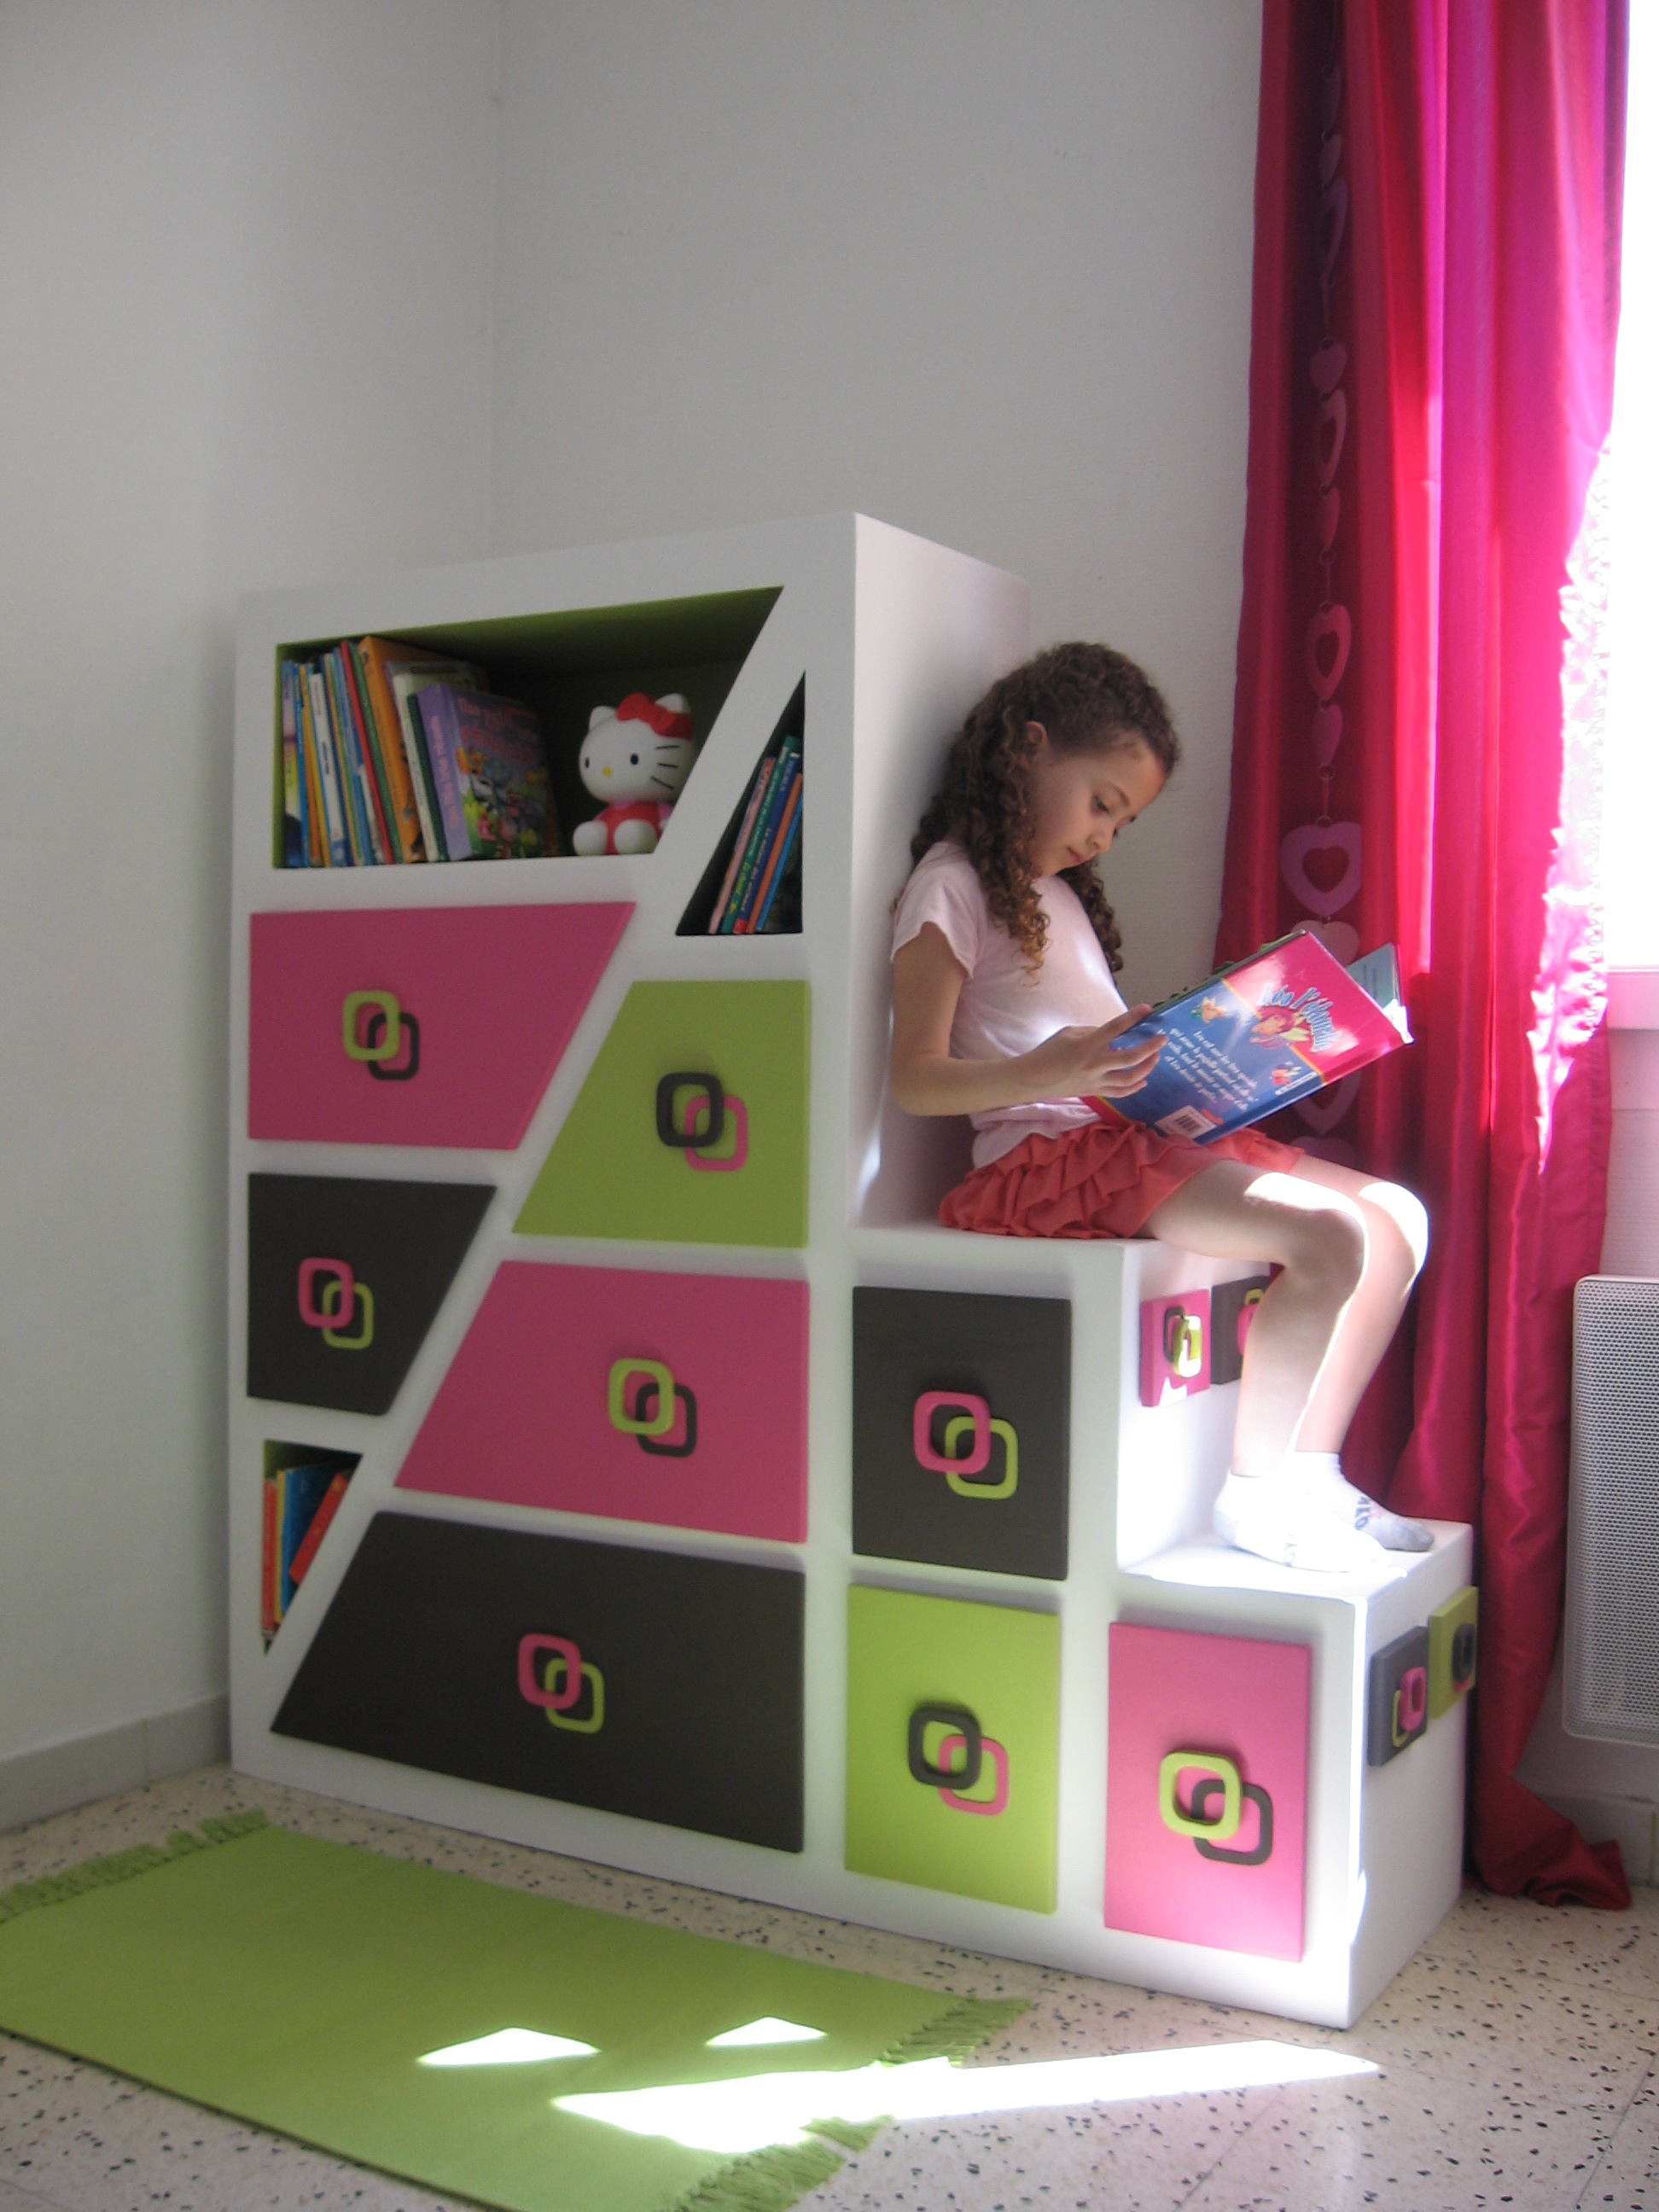 Fabriquer Une Bibliothèque En Carton que faire avec du carton ? – fdeco-agencement